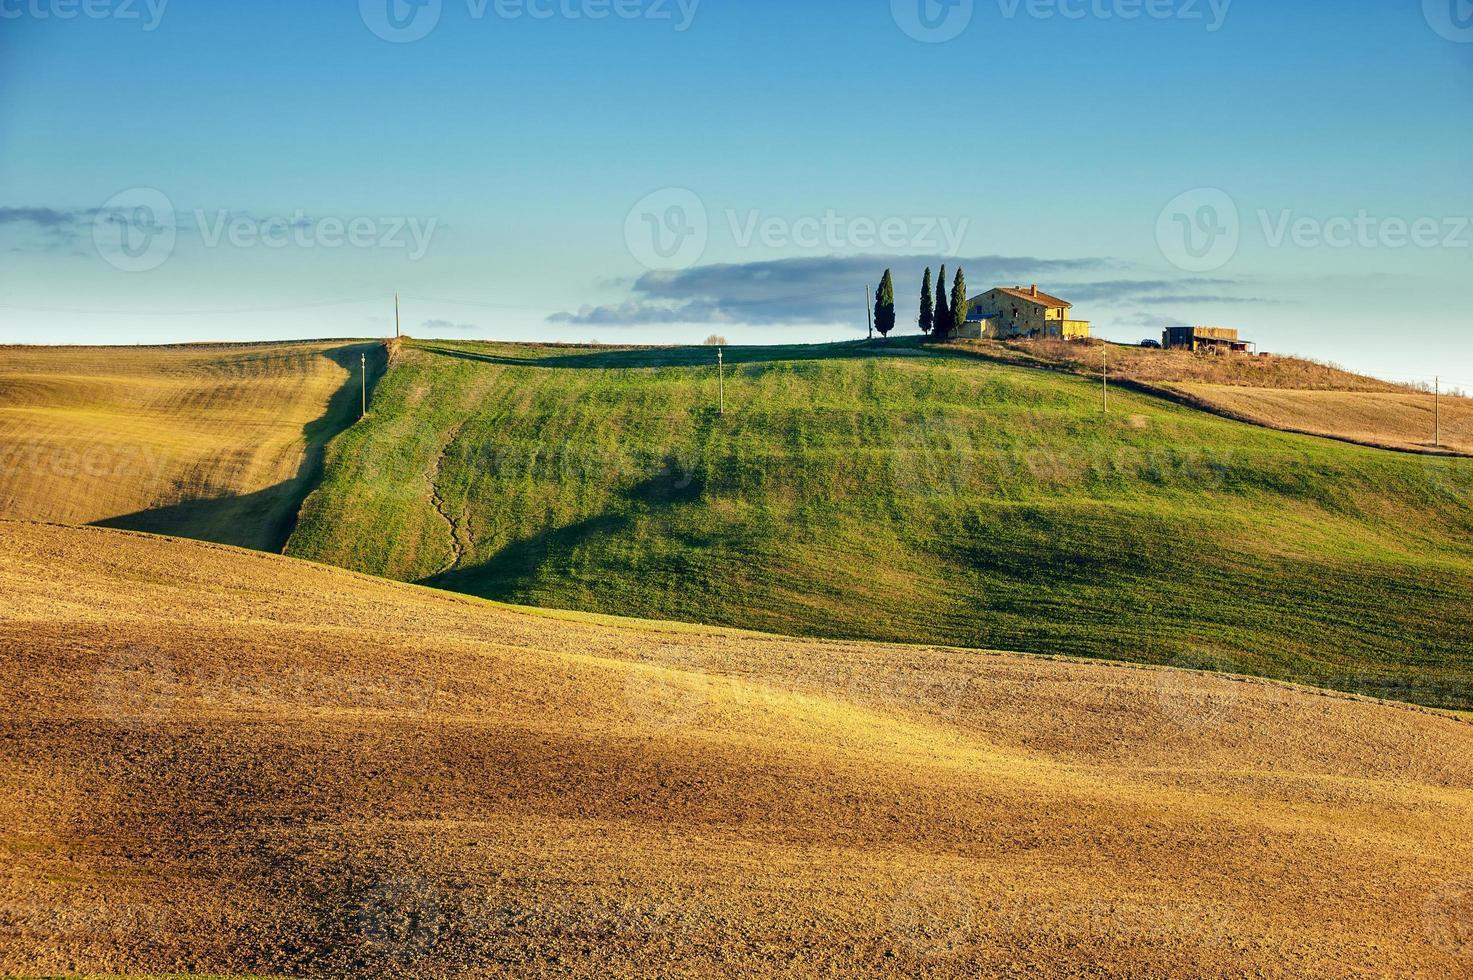 vackra Toscana fält och landskap foto